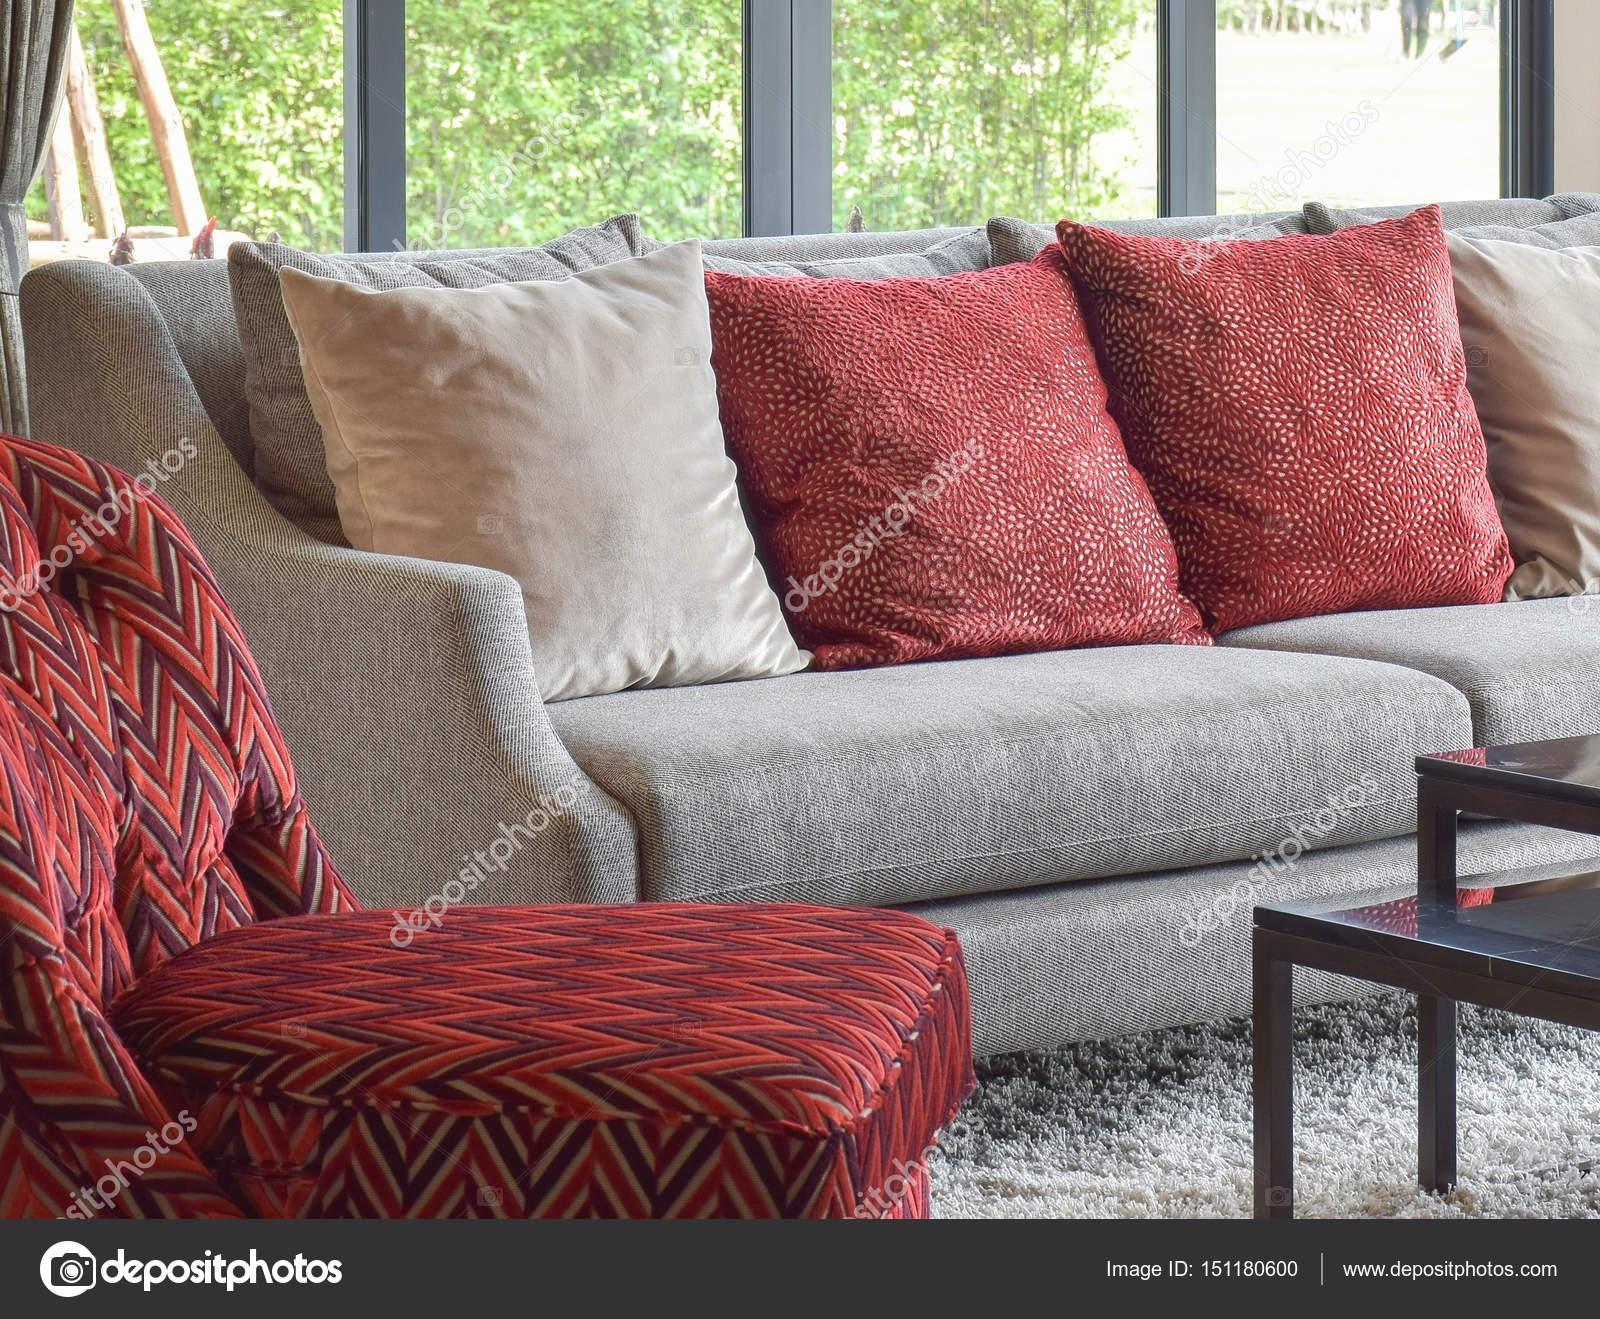 moderne Wohnzimmer Design mit roten Kissen auf sofa — Stockfoto ...